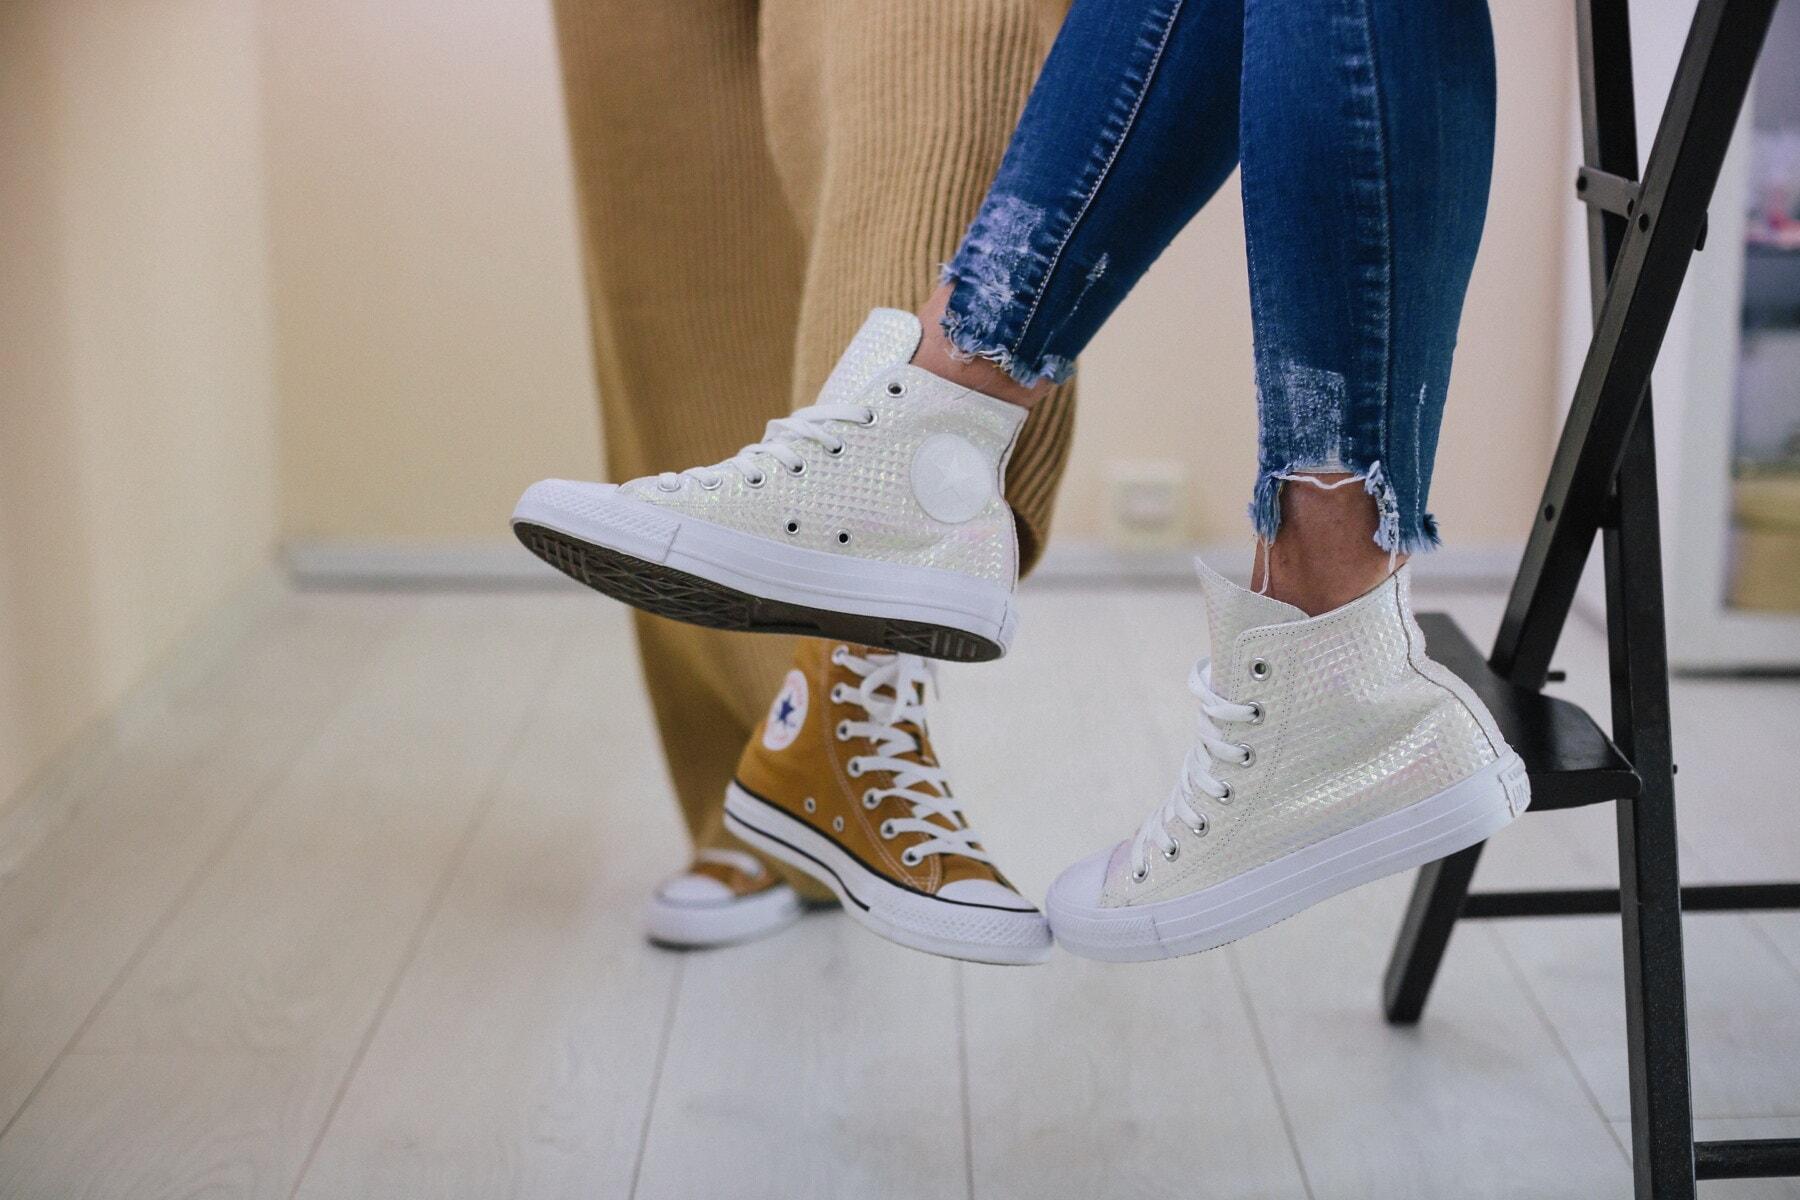 white, fancy, sneakers, trendy, women, legs, pants, jeans, fashion, girl